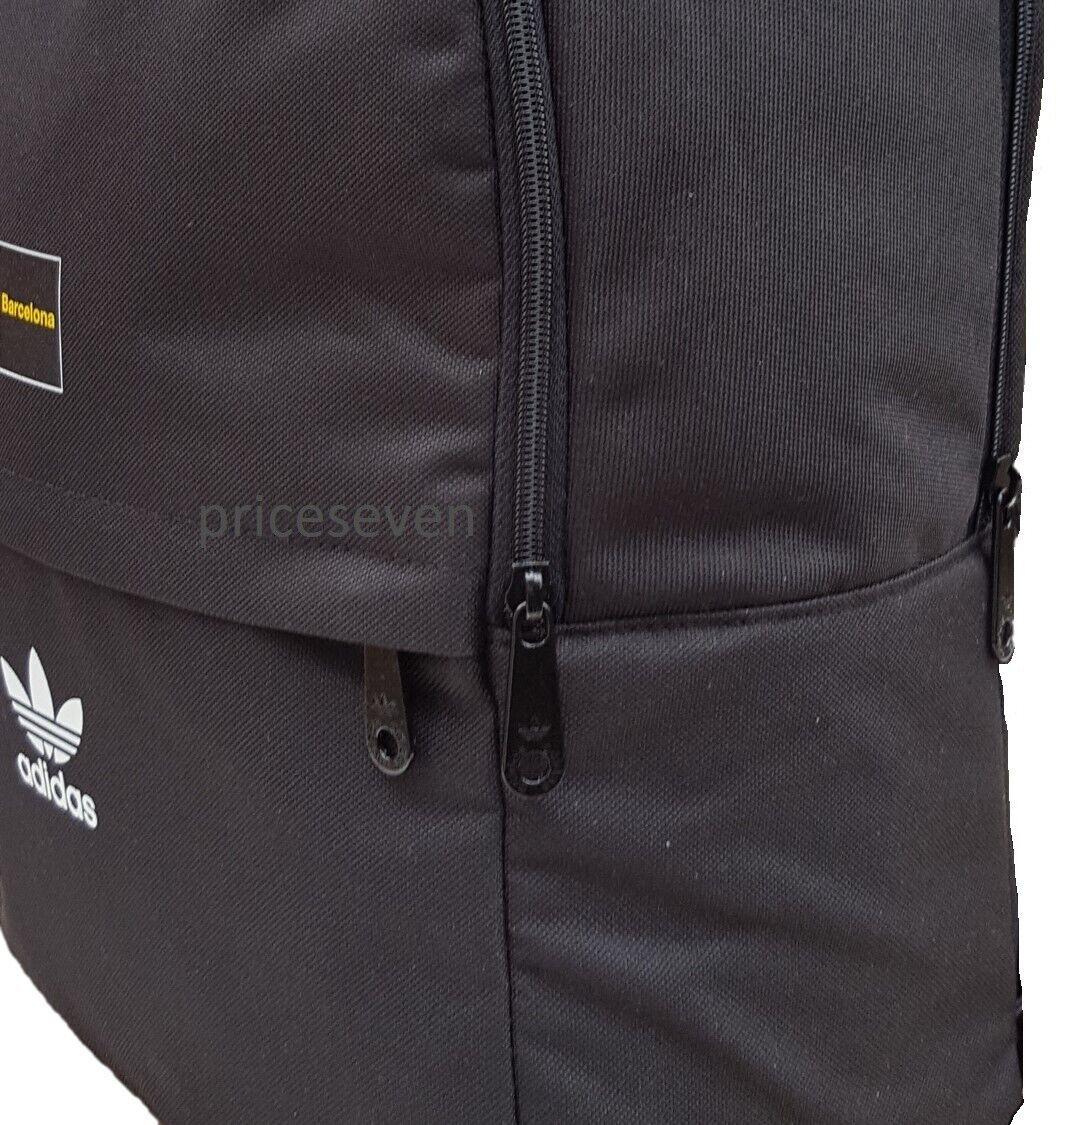 adidas Originals Mens Sonar Barcelona Backpack Rucksack Bag Black BP7155